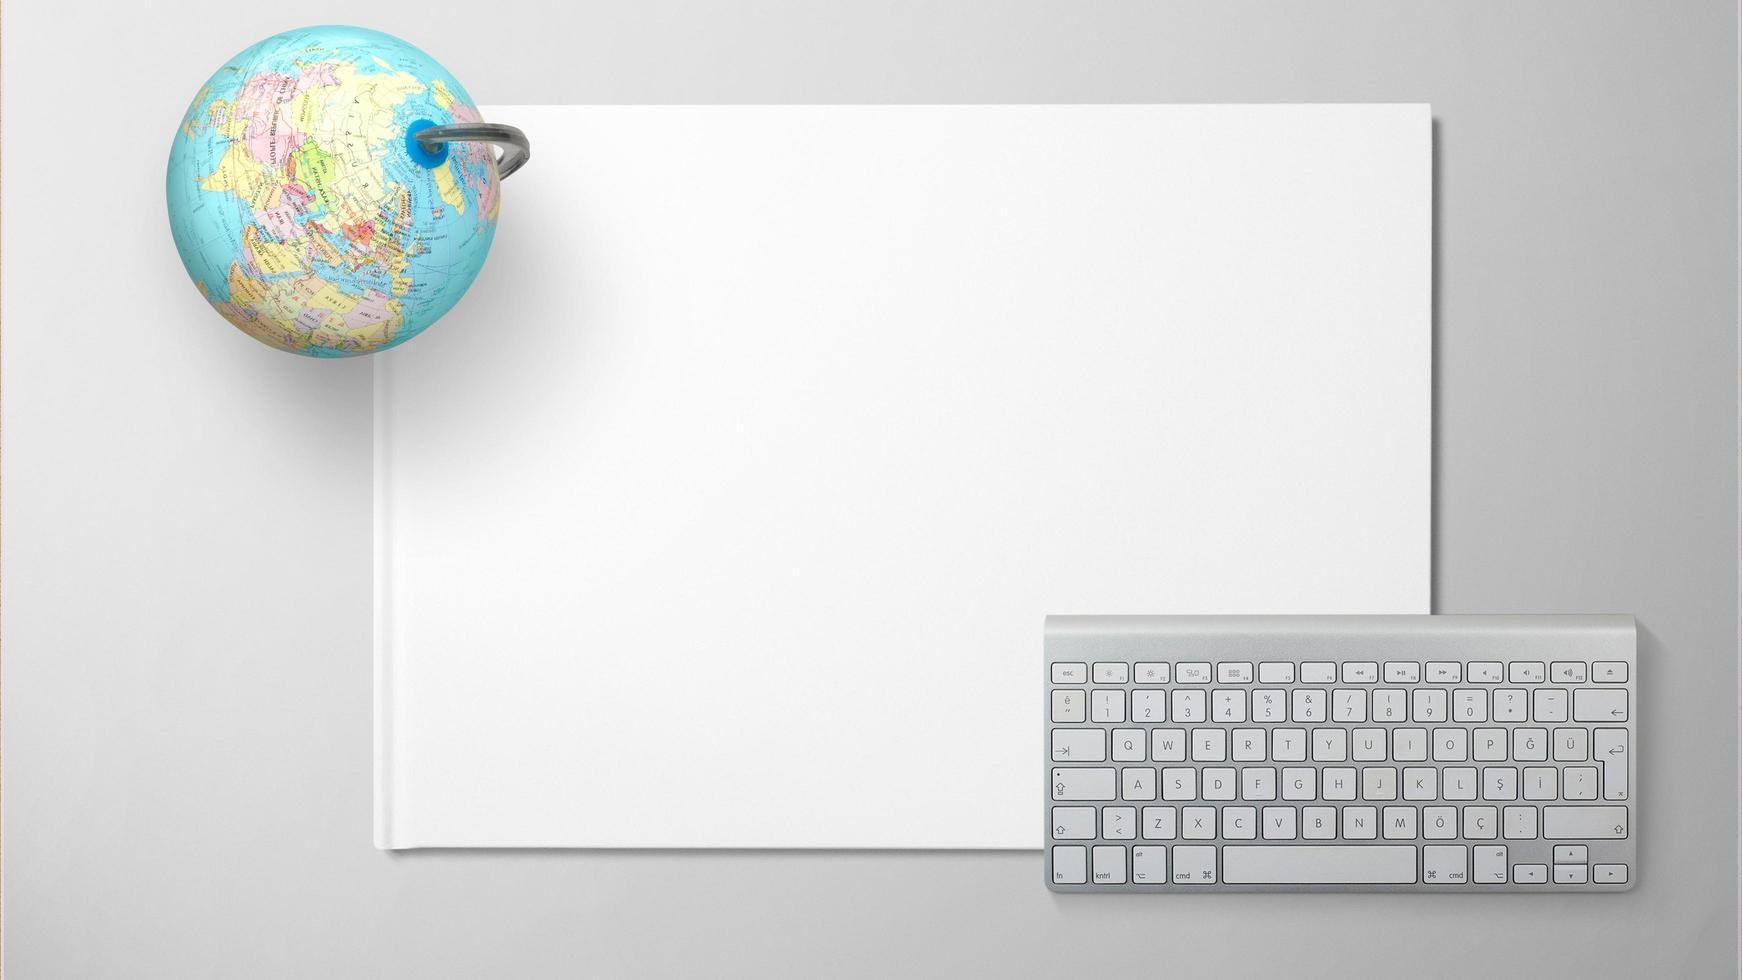 Globo con teclado de computadora sobre papel blanco sobre fondo aislado foto